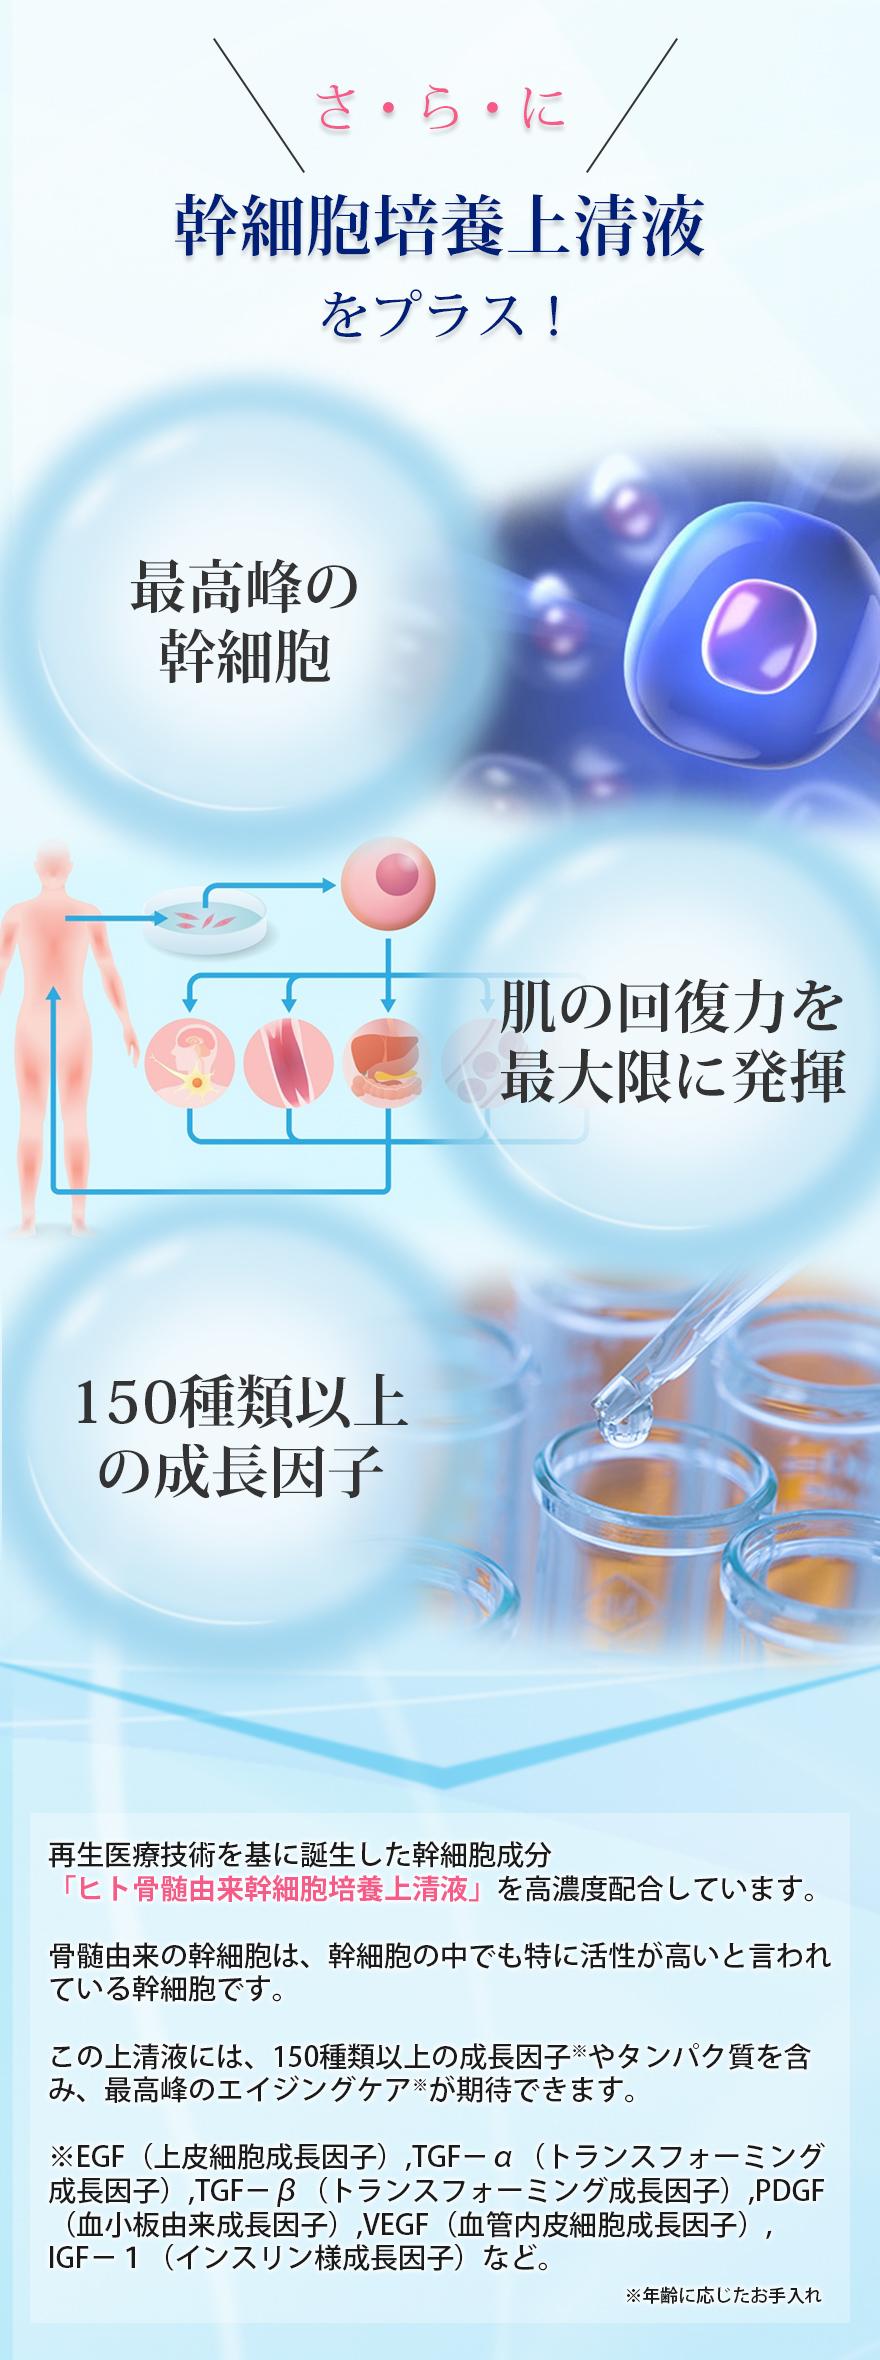 成分3:ヒト幹細胞